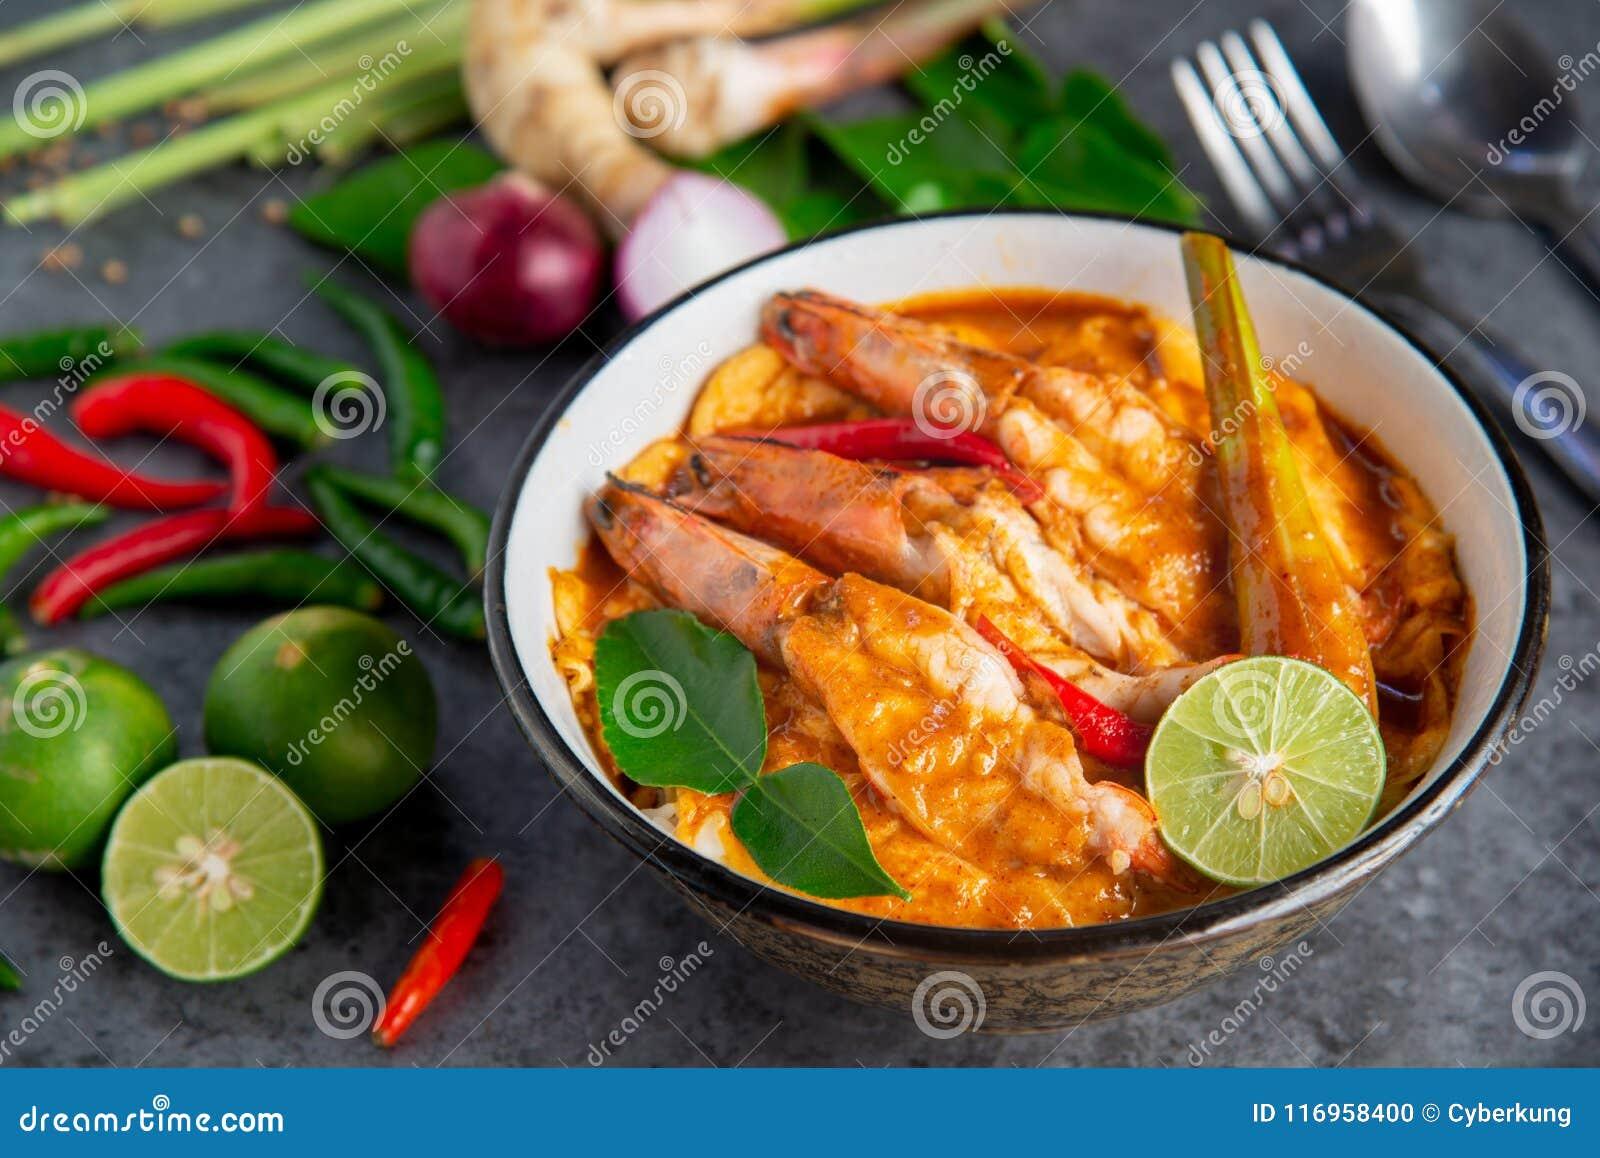 Tom Yum Kung com arroz